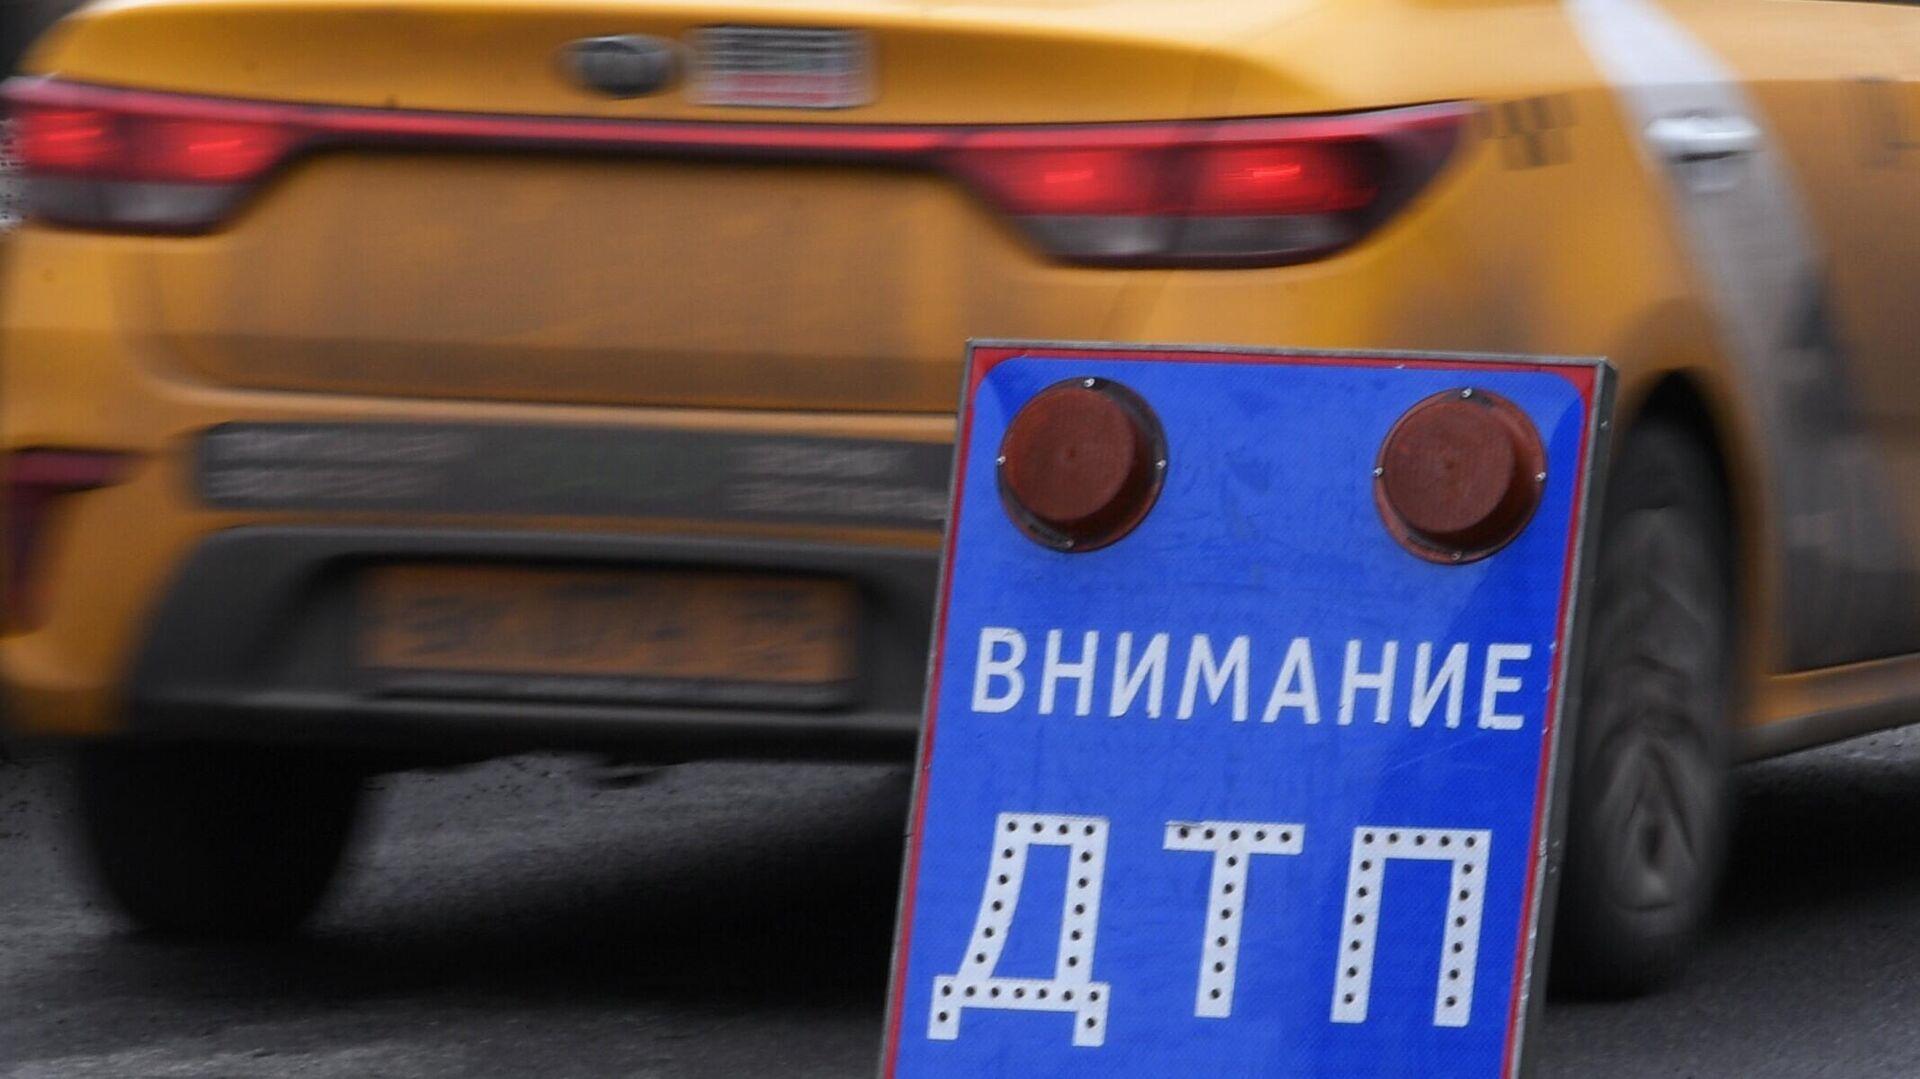 Дорожный знак Внимание ДТП - РИА Новости, 1920, 14.10.2021